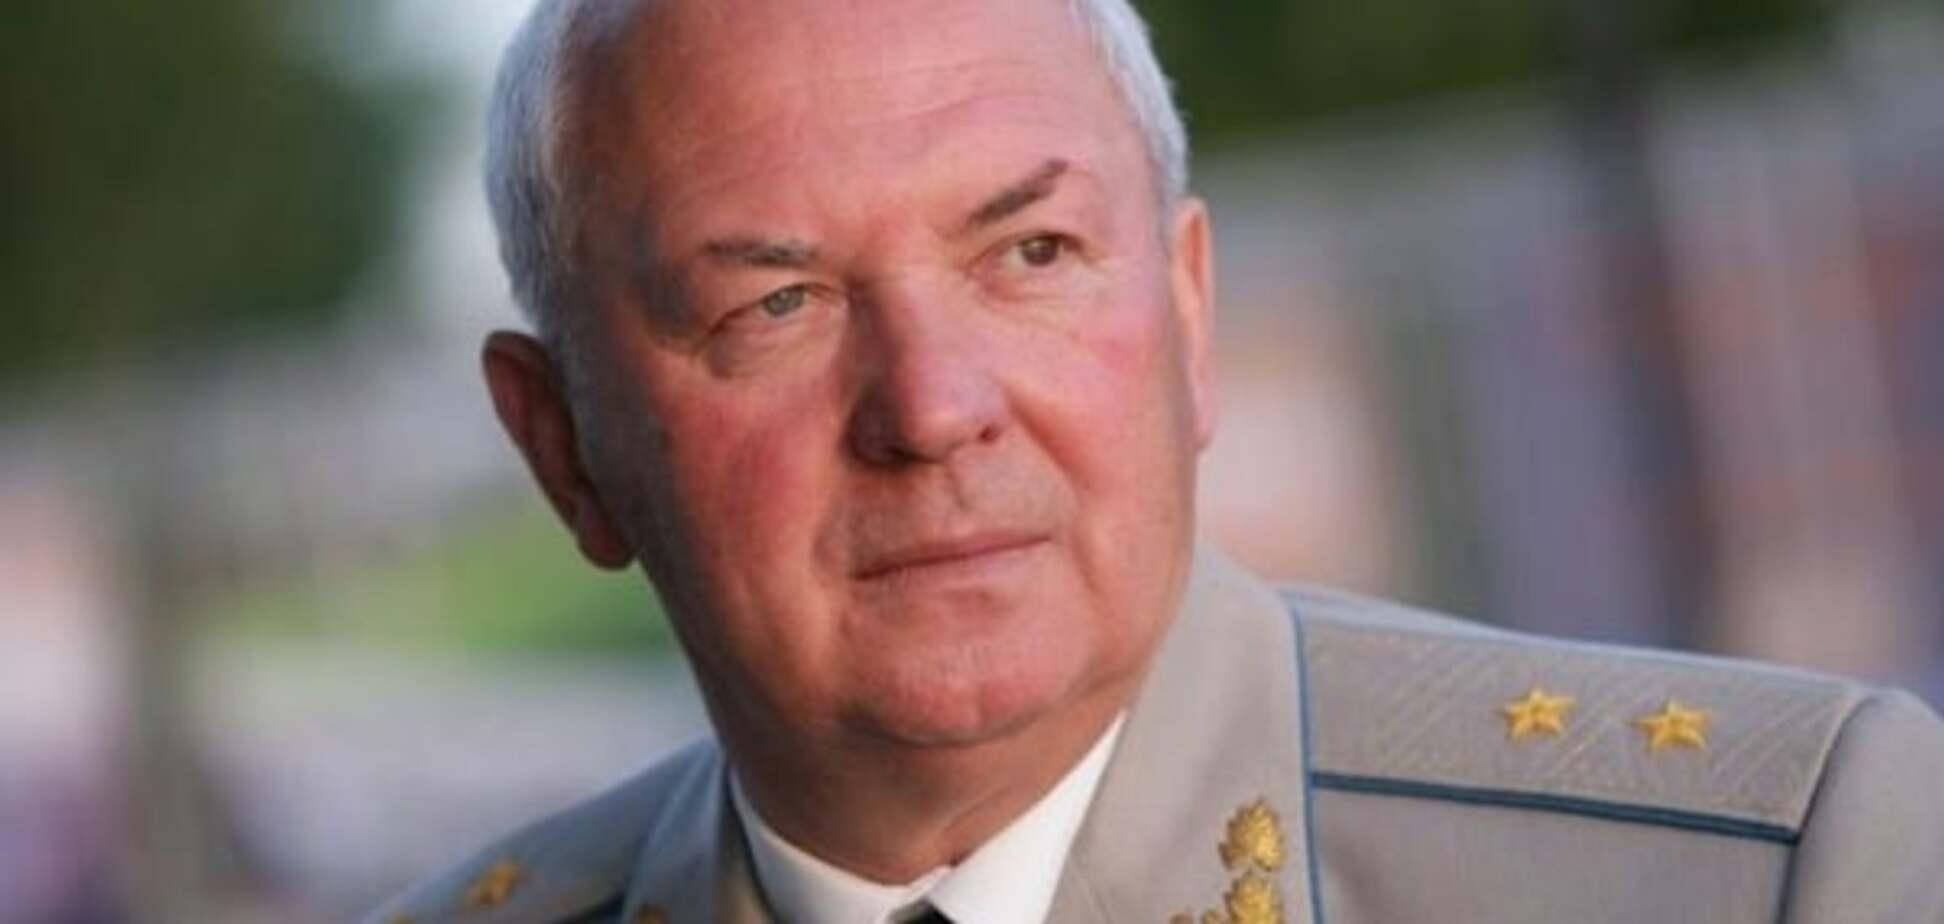 Тотальне вербування: генерал розповів, як ФСБ 'працює' з українцями